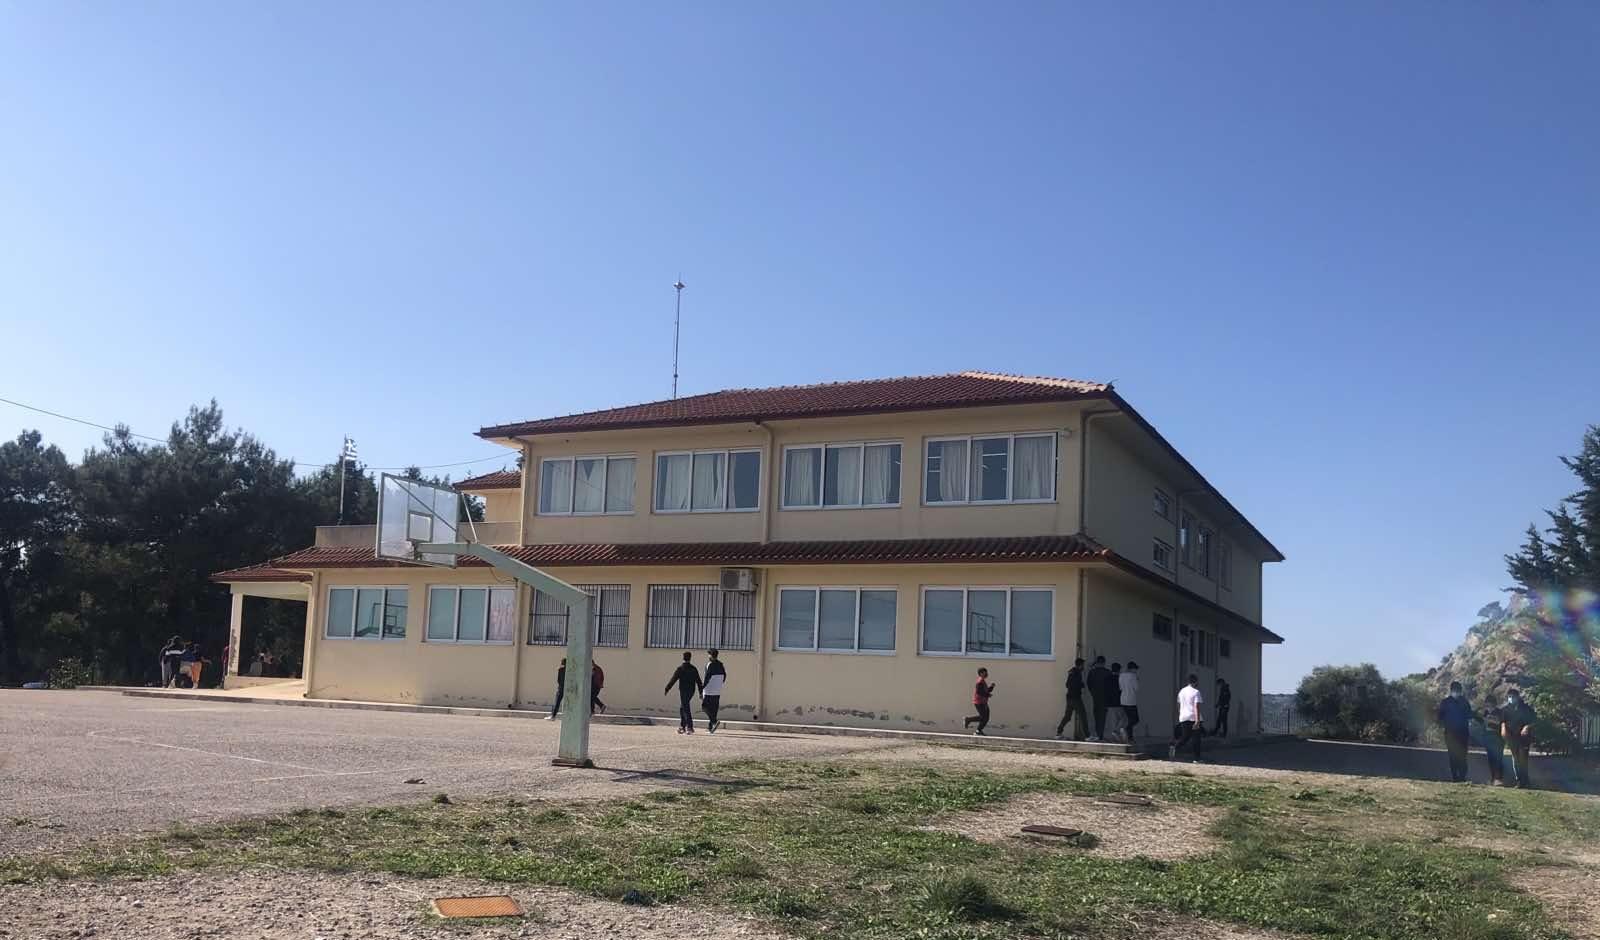 Σχολεία των Οινιαδών επισκέφθηκαν ο Λύρος και Γούργαρη